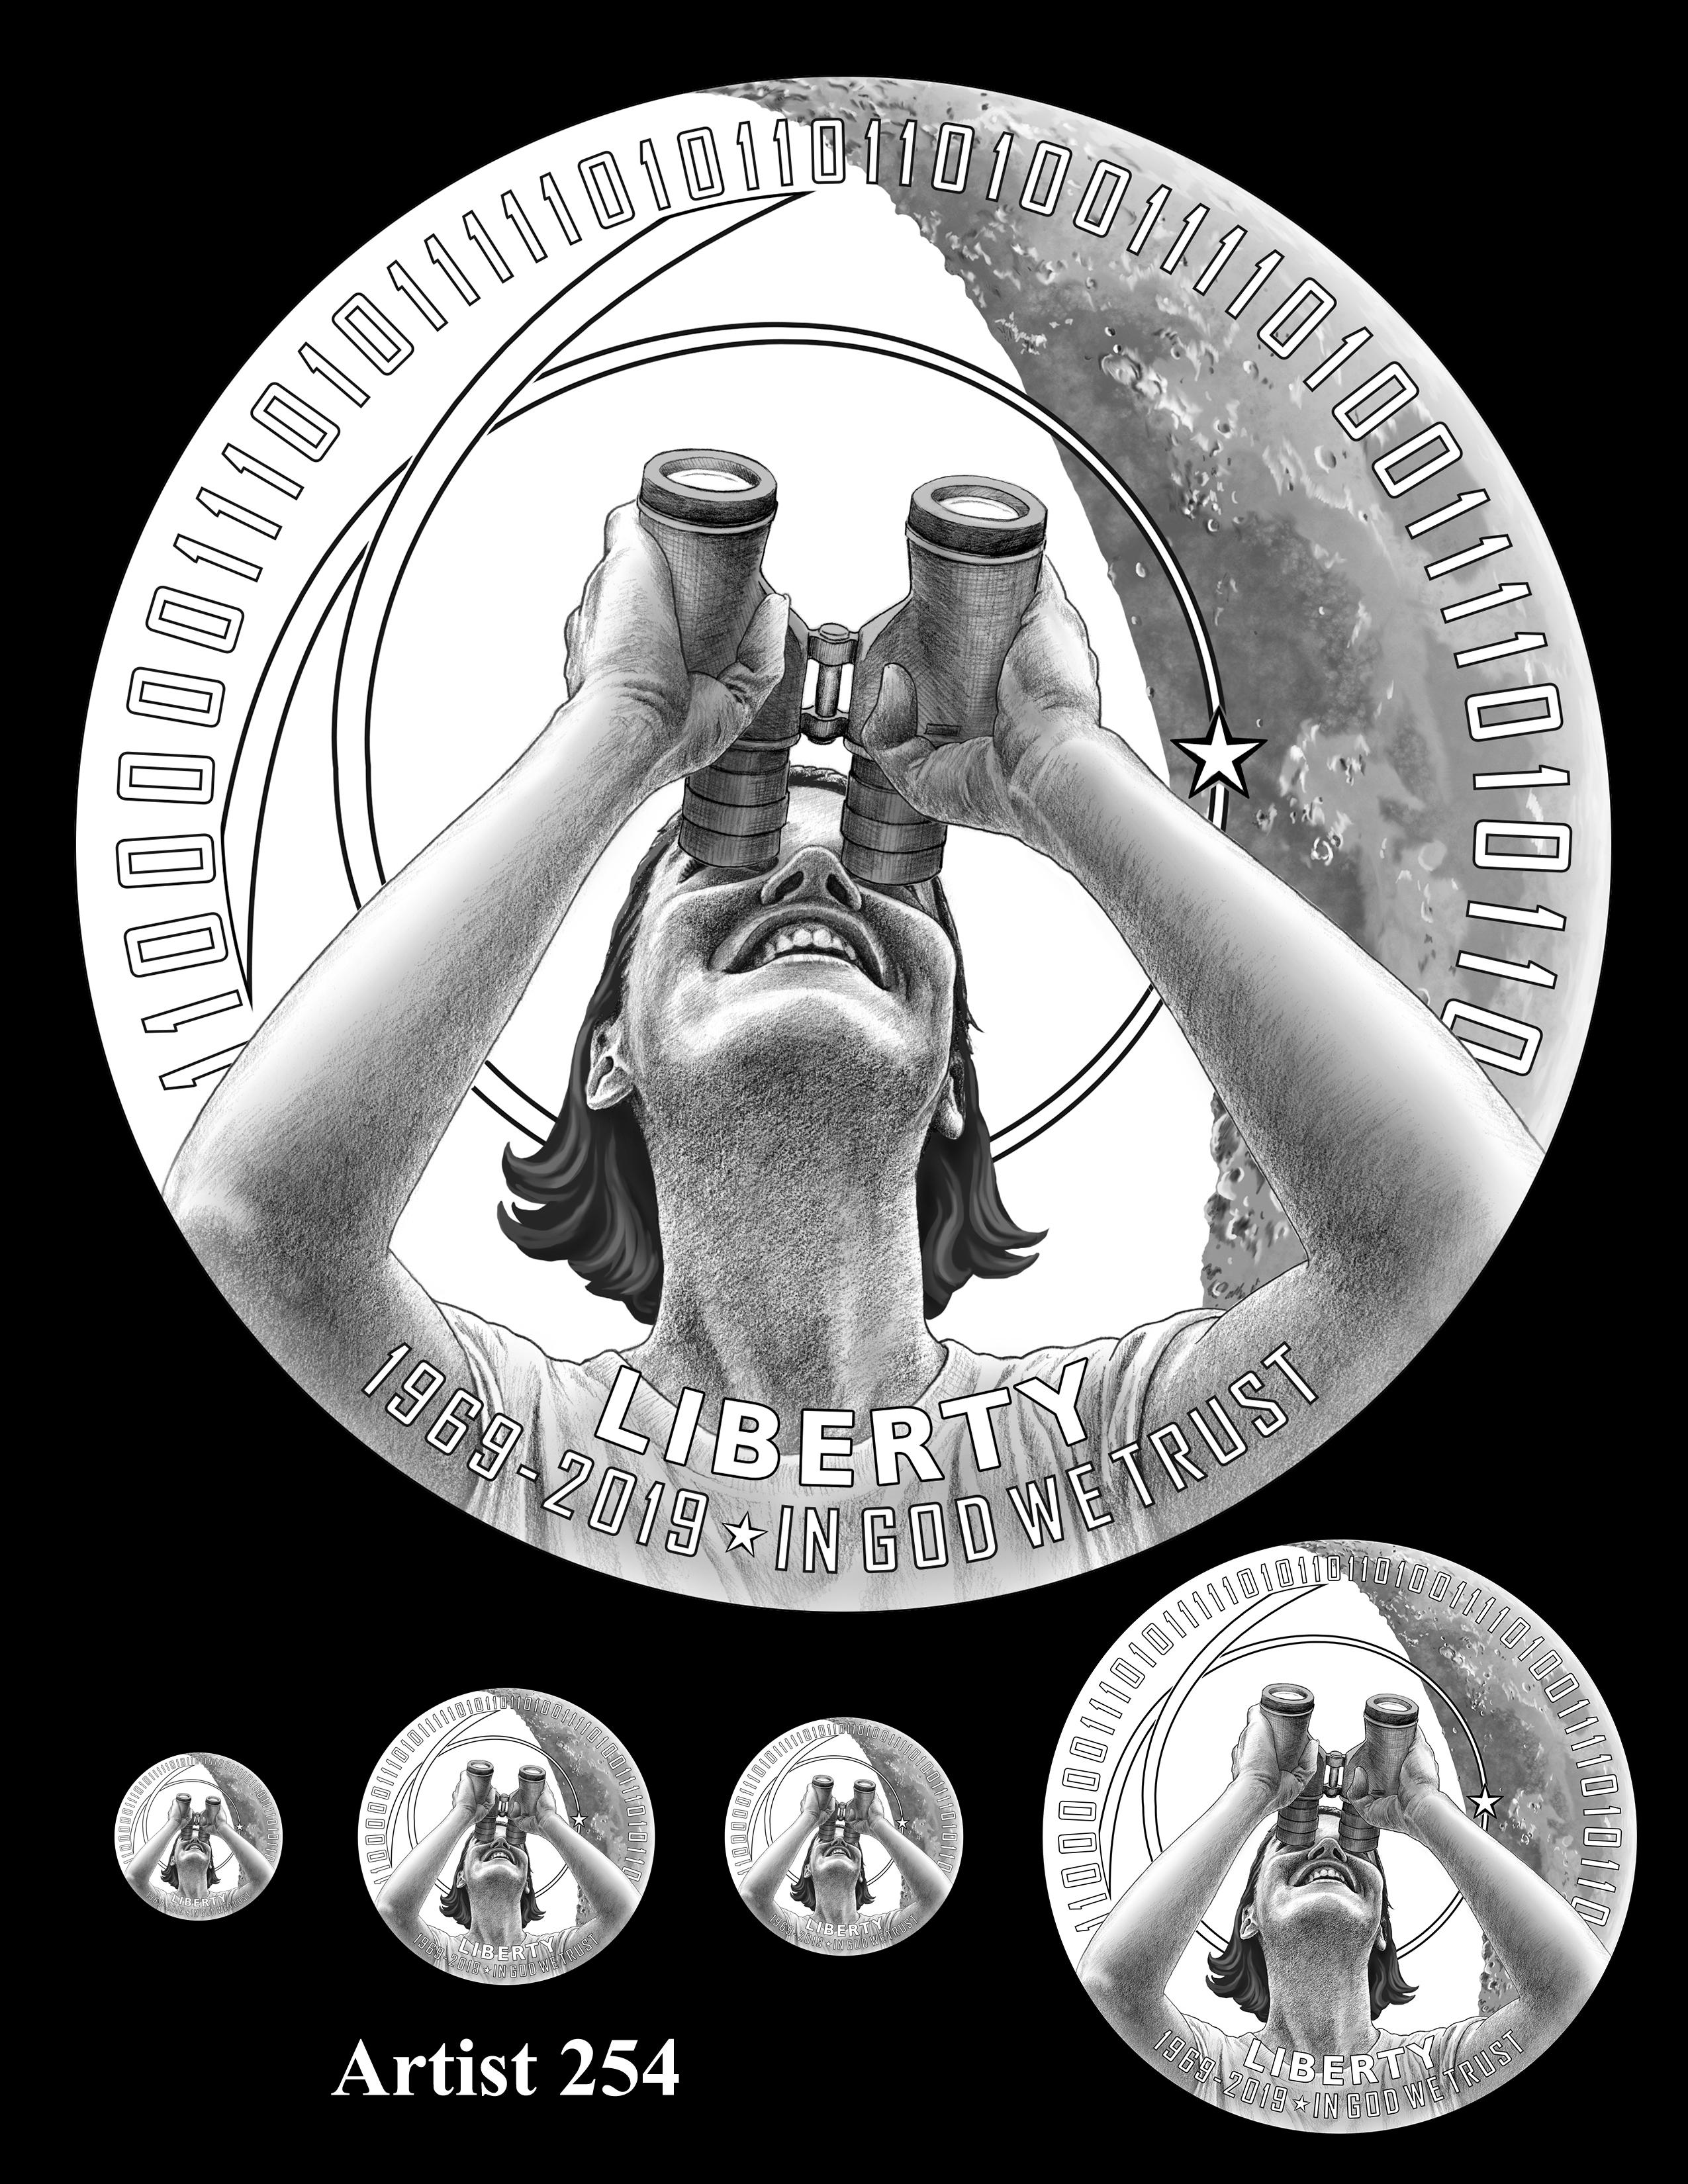 Artist 254 -- Apollo 11 50th Anniversary Commemorative Coin Obverse Design Competition